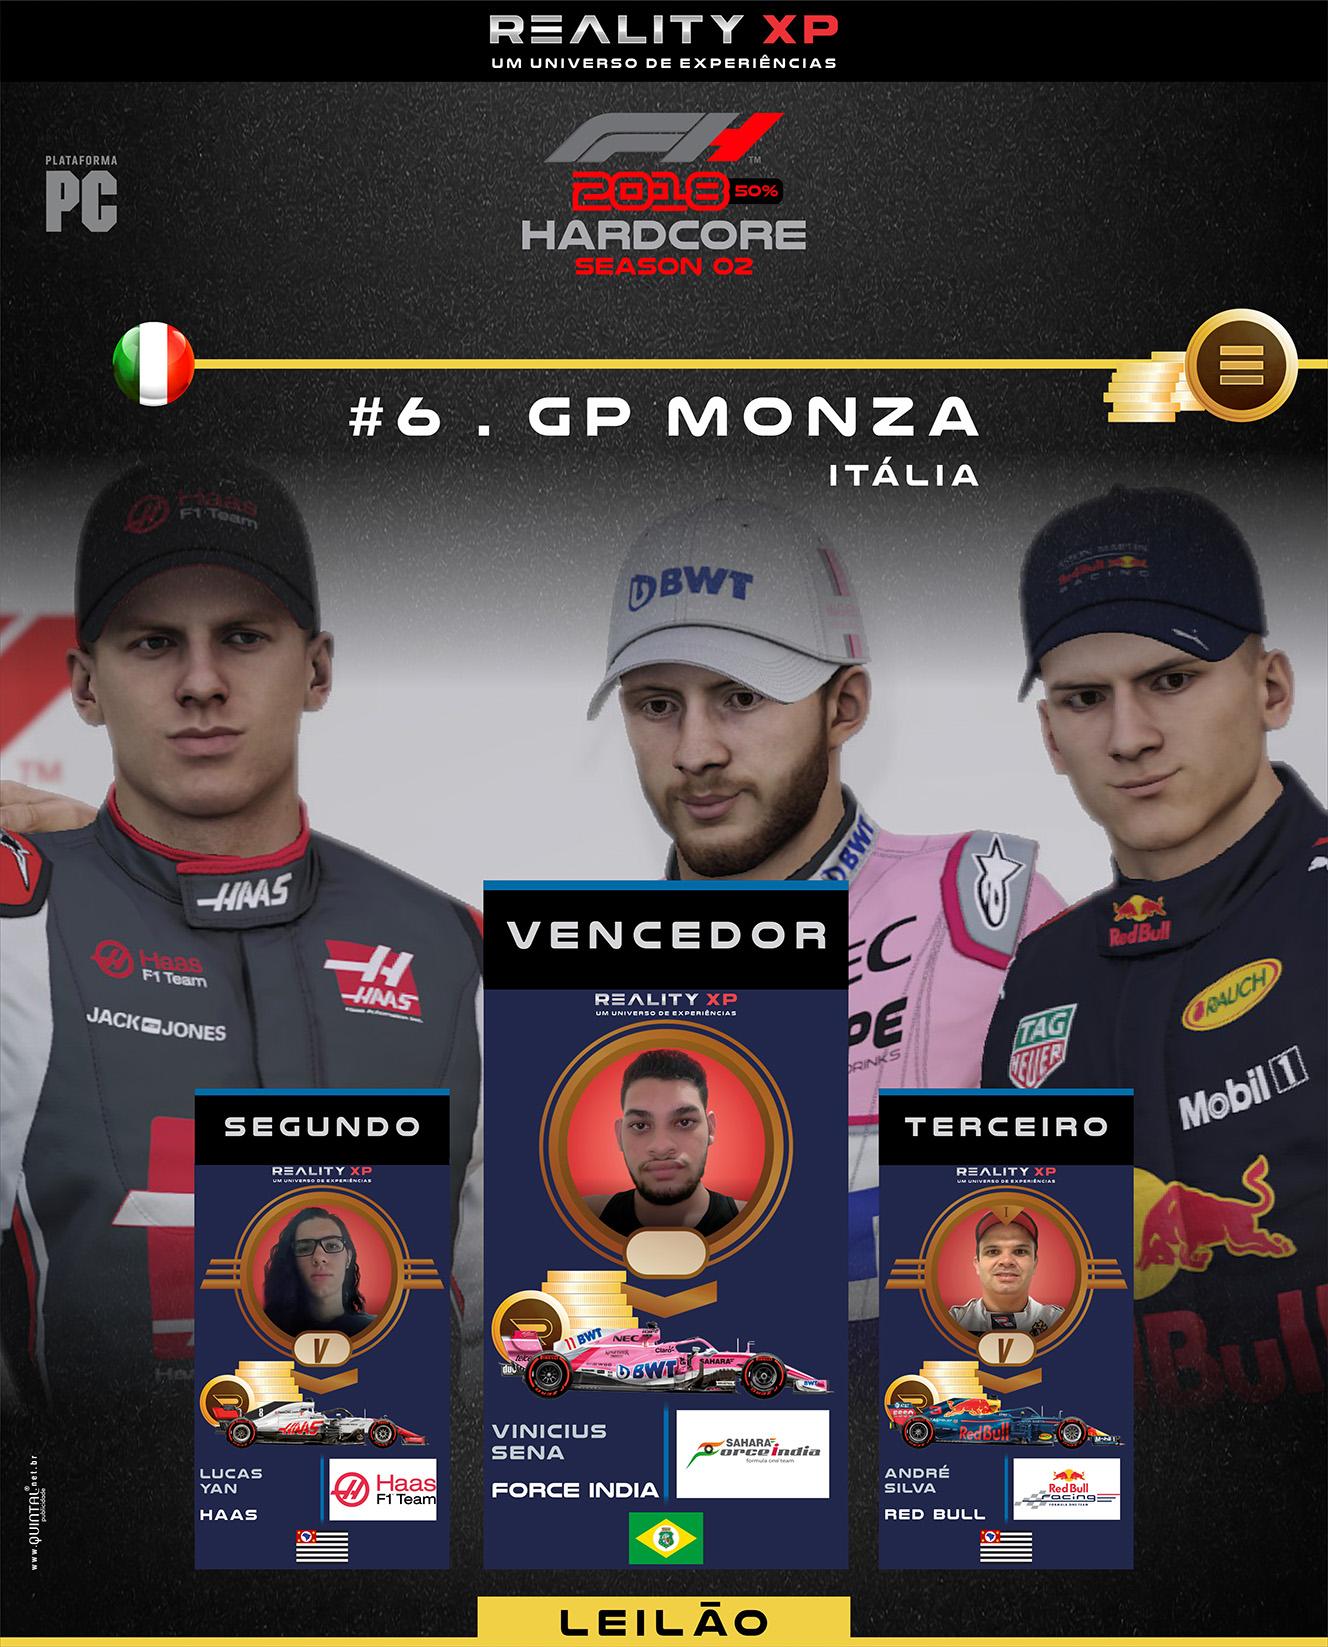 44_RS_F1-Hardcore-50-Season02_Etapa06